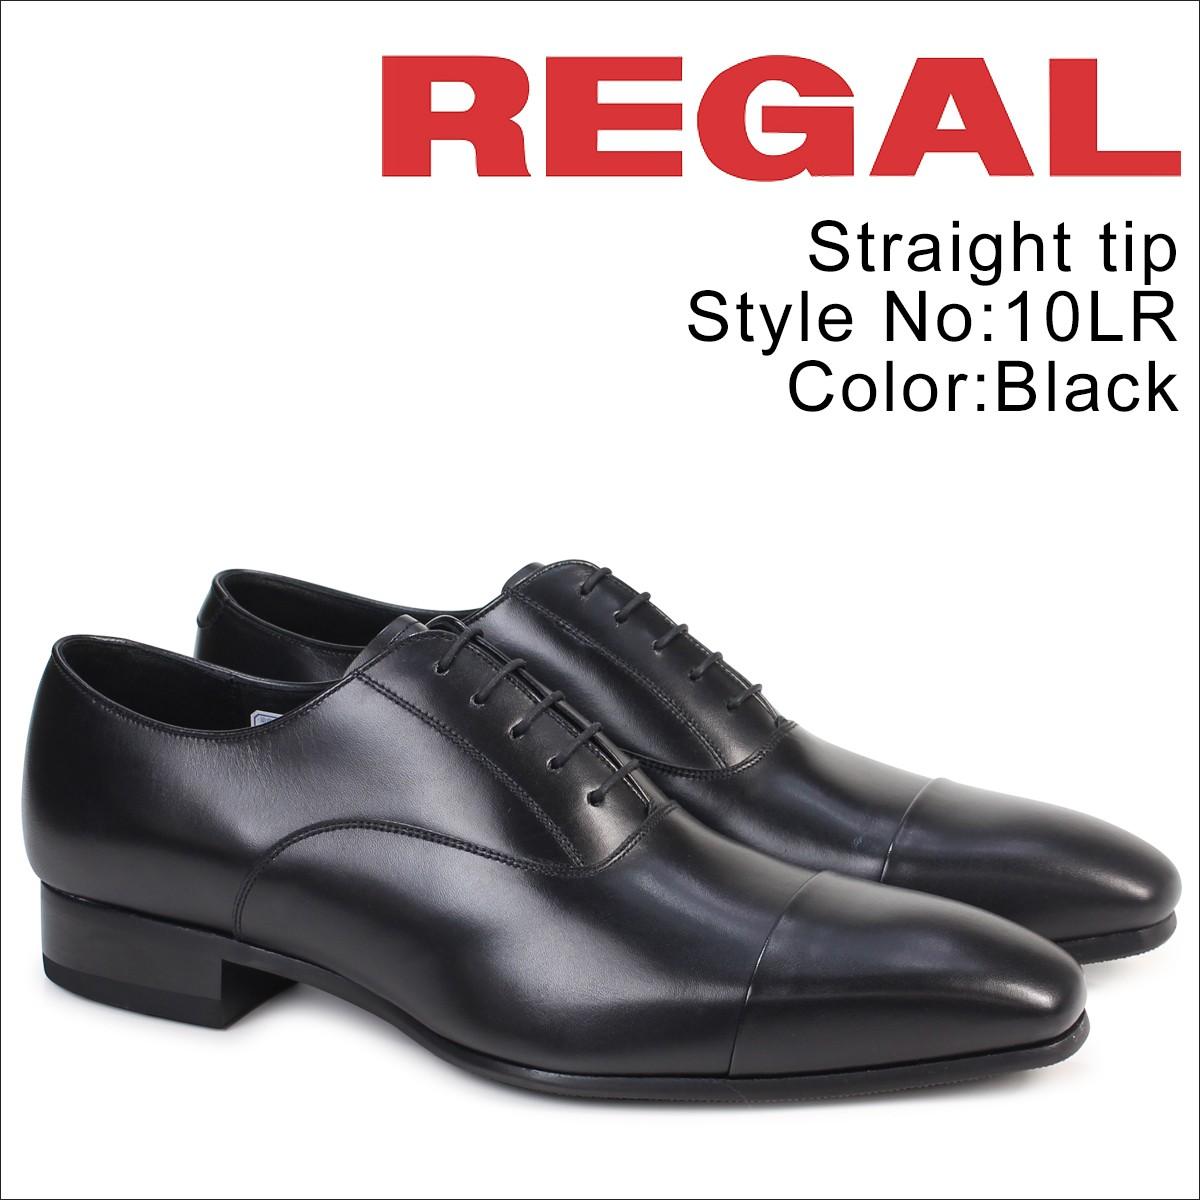 リーガル 靴 メンズ REGAL ストレートチップ 10LRBD ビジネスシューズ 日本製 ブラック [12/21 追加入荷]